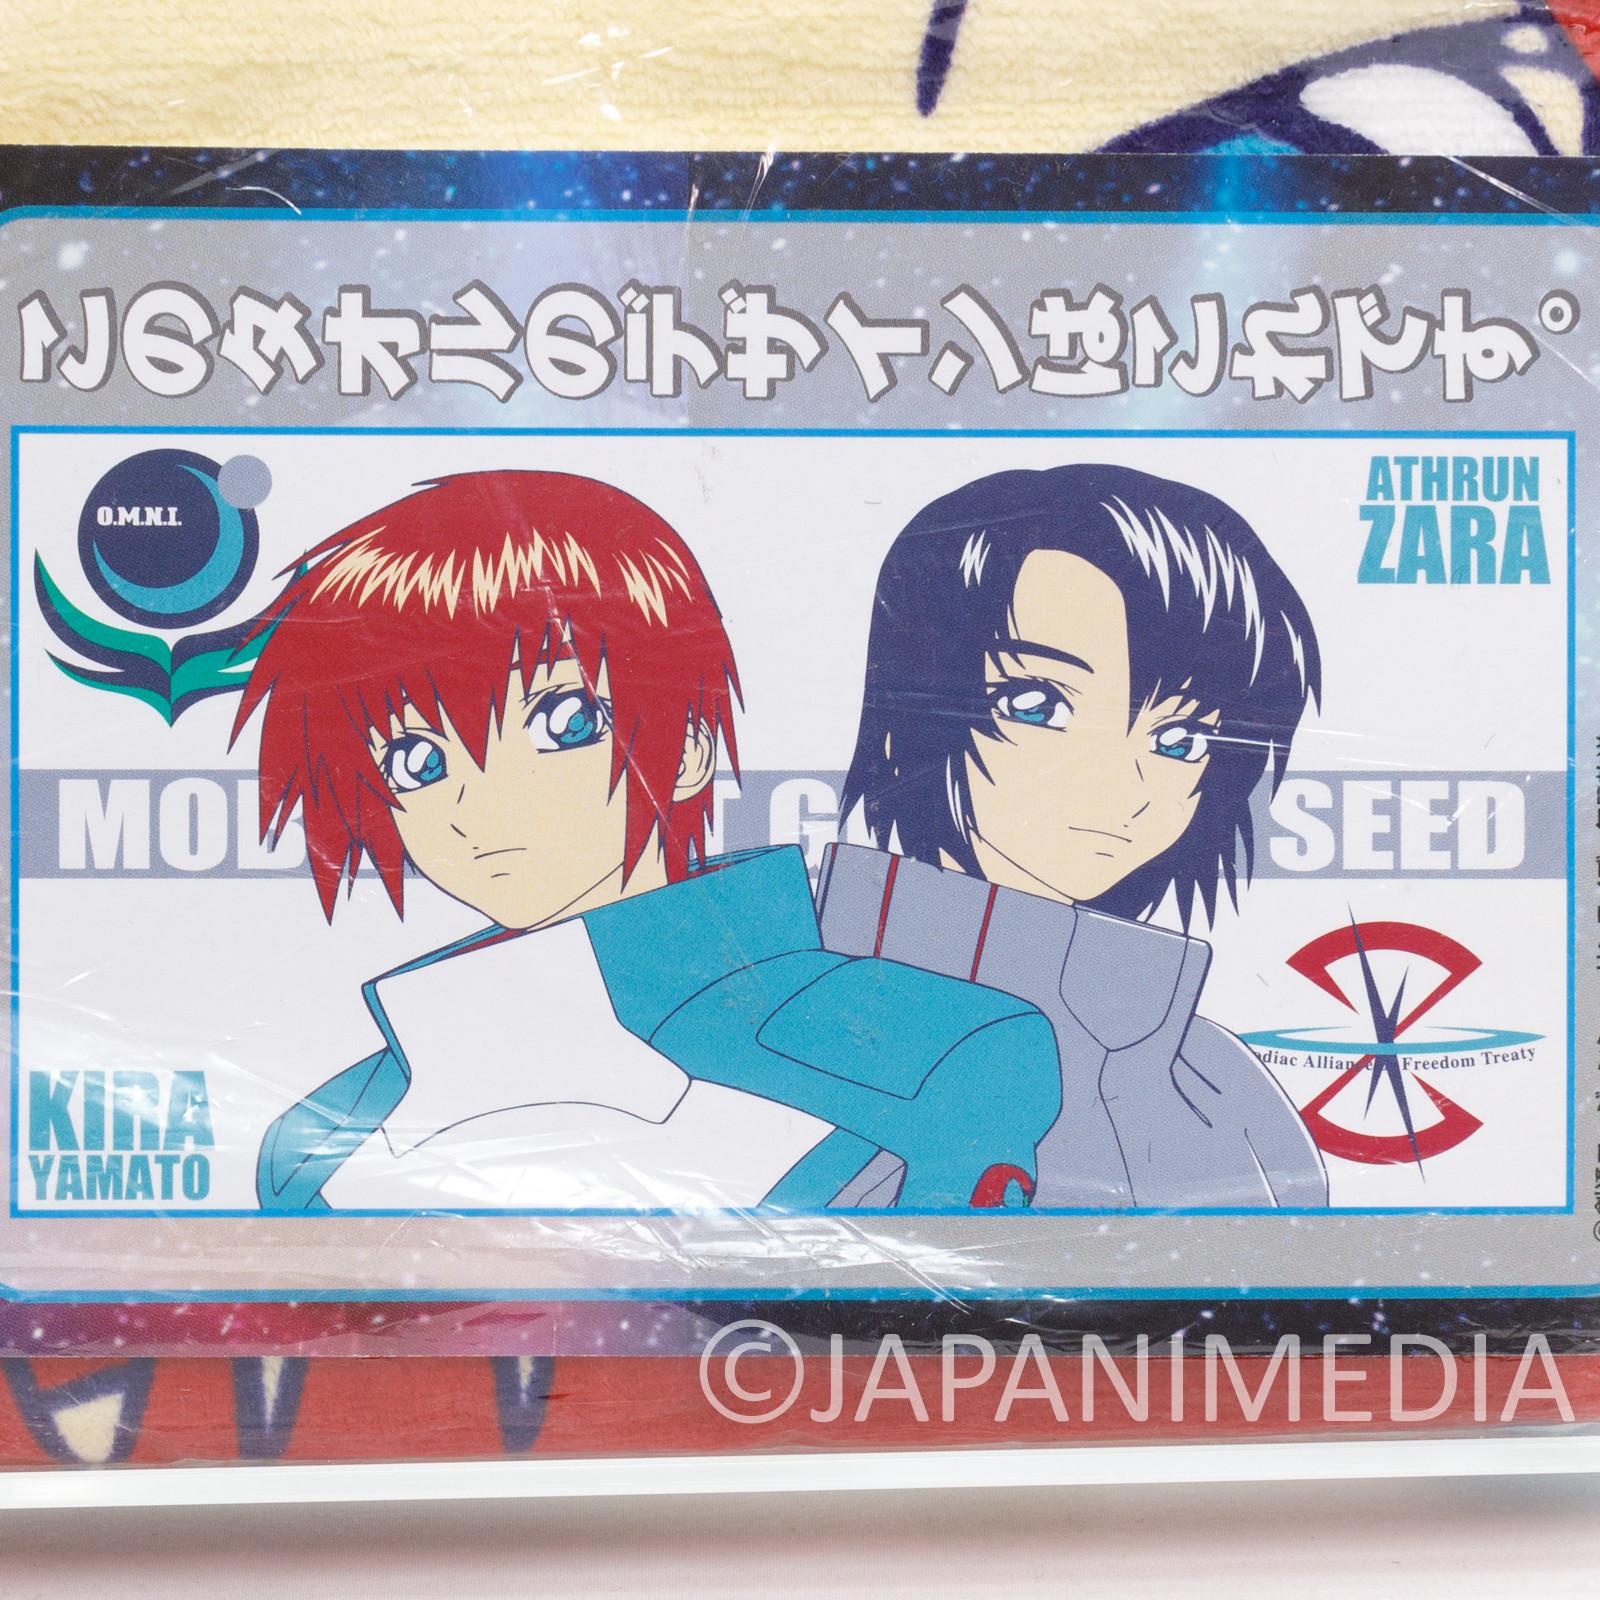 Gundam Seed Bath Towel Athrun Zara & Kira Yamato #2 JAPAN ANIME